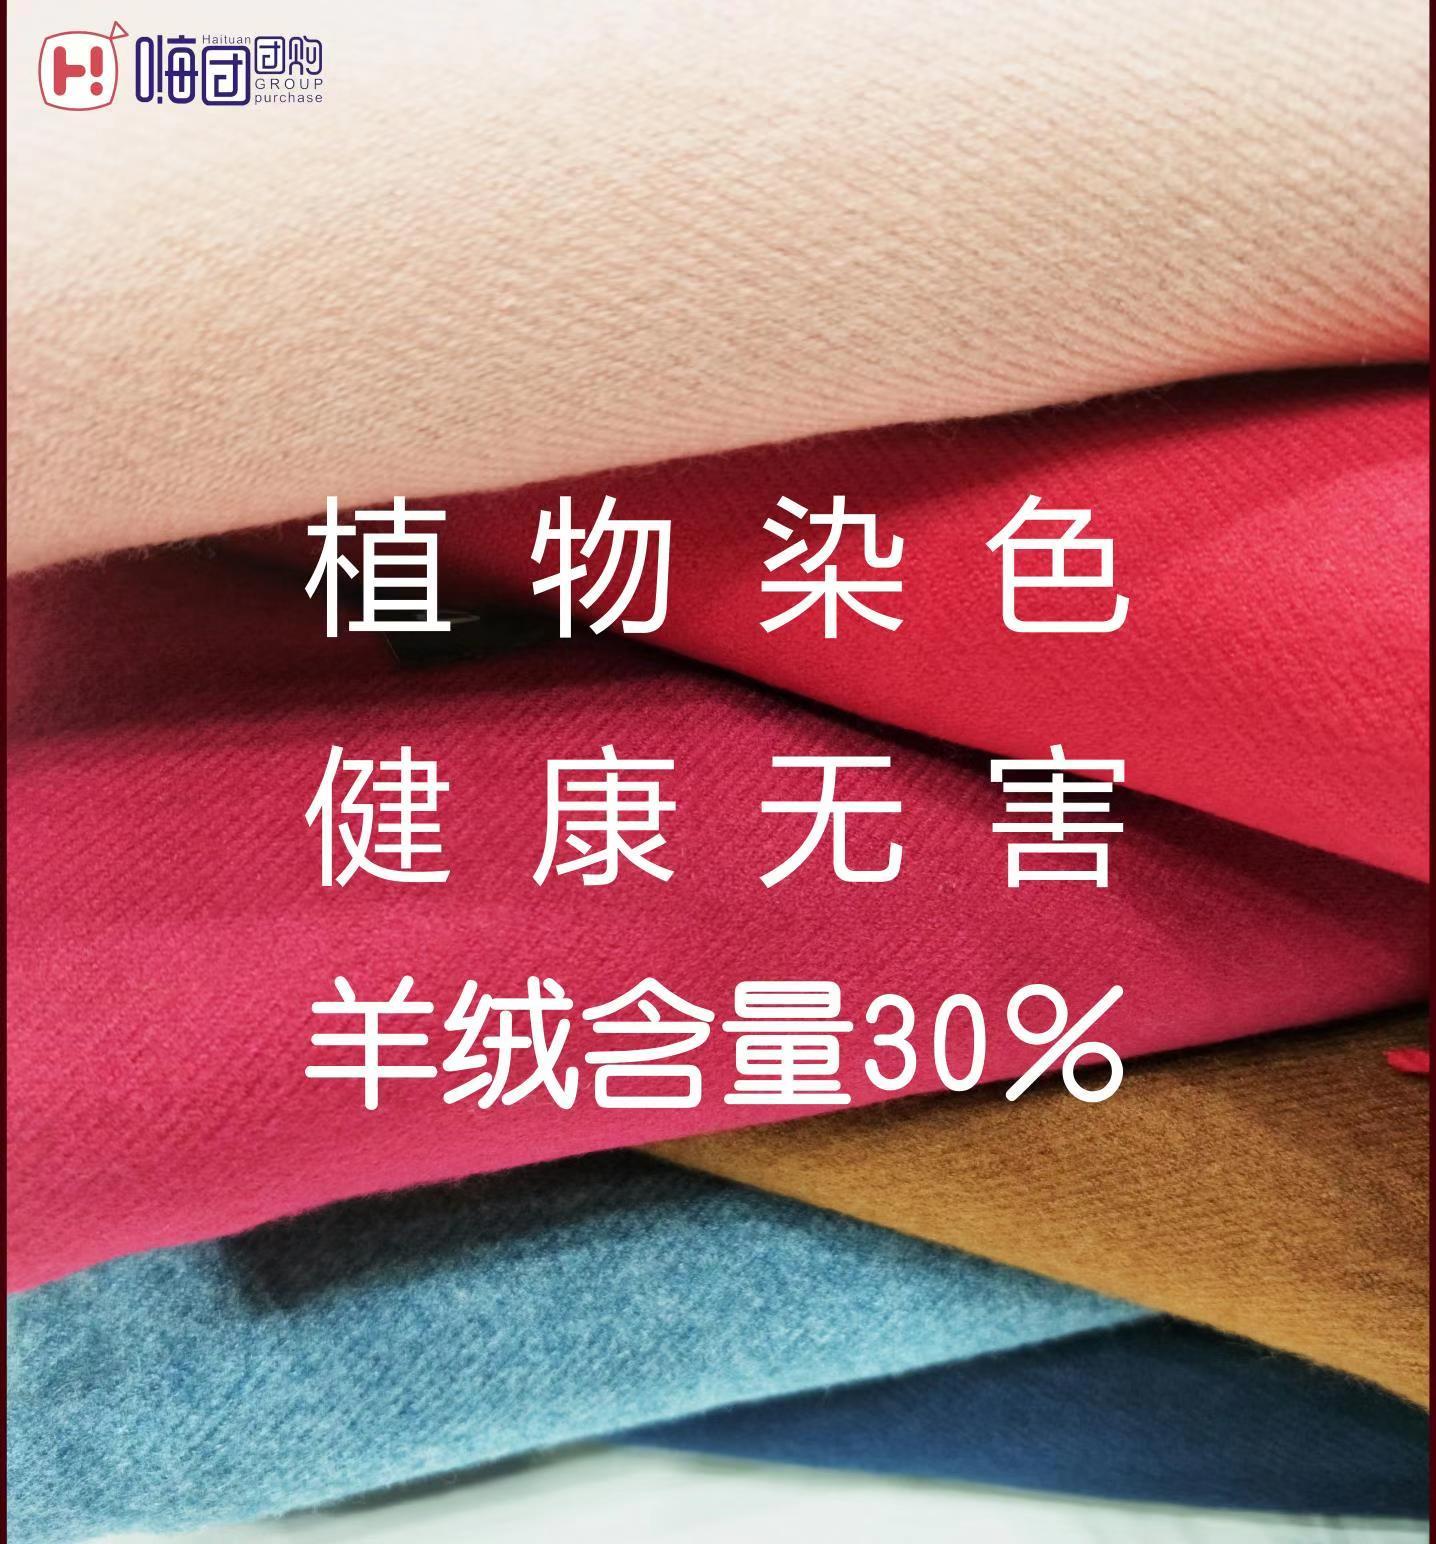 嗨团羊绒围巾70.jpg